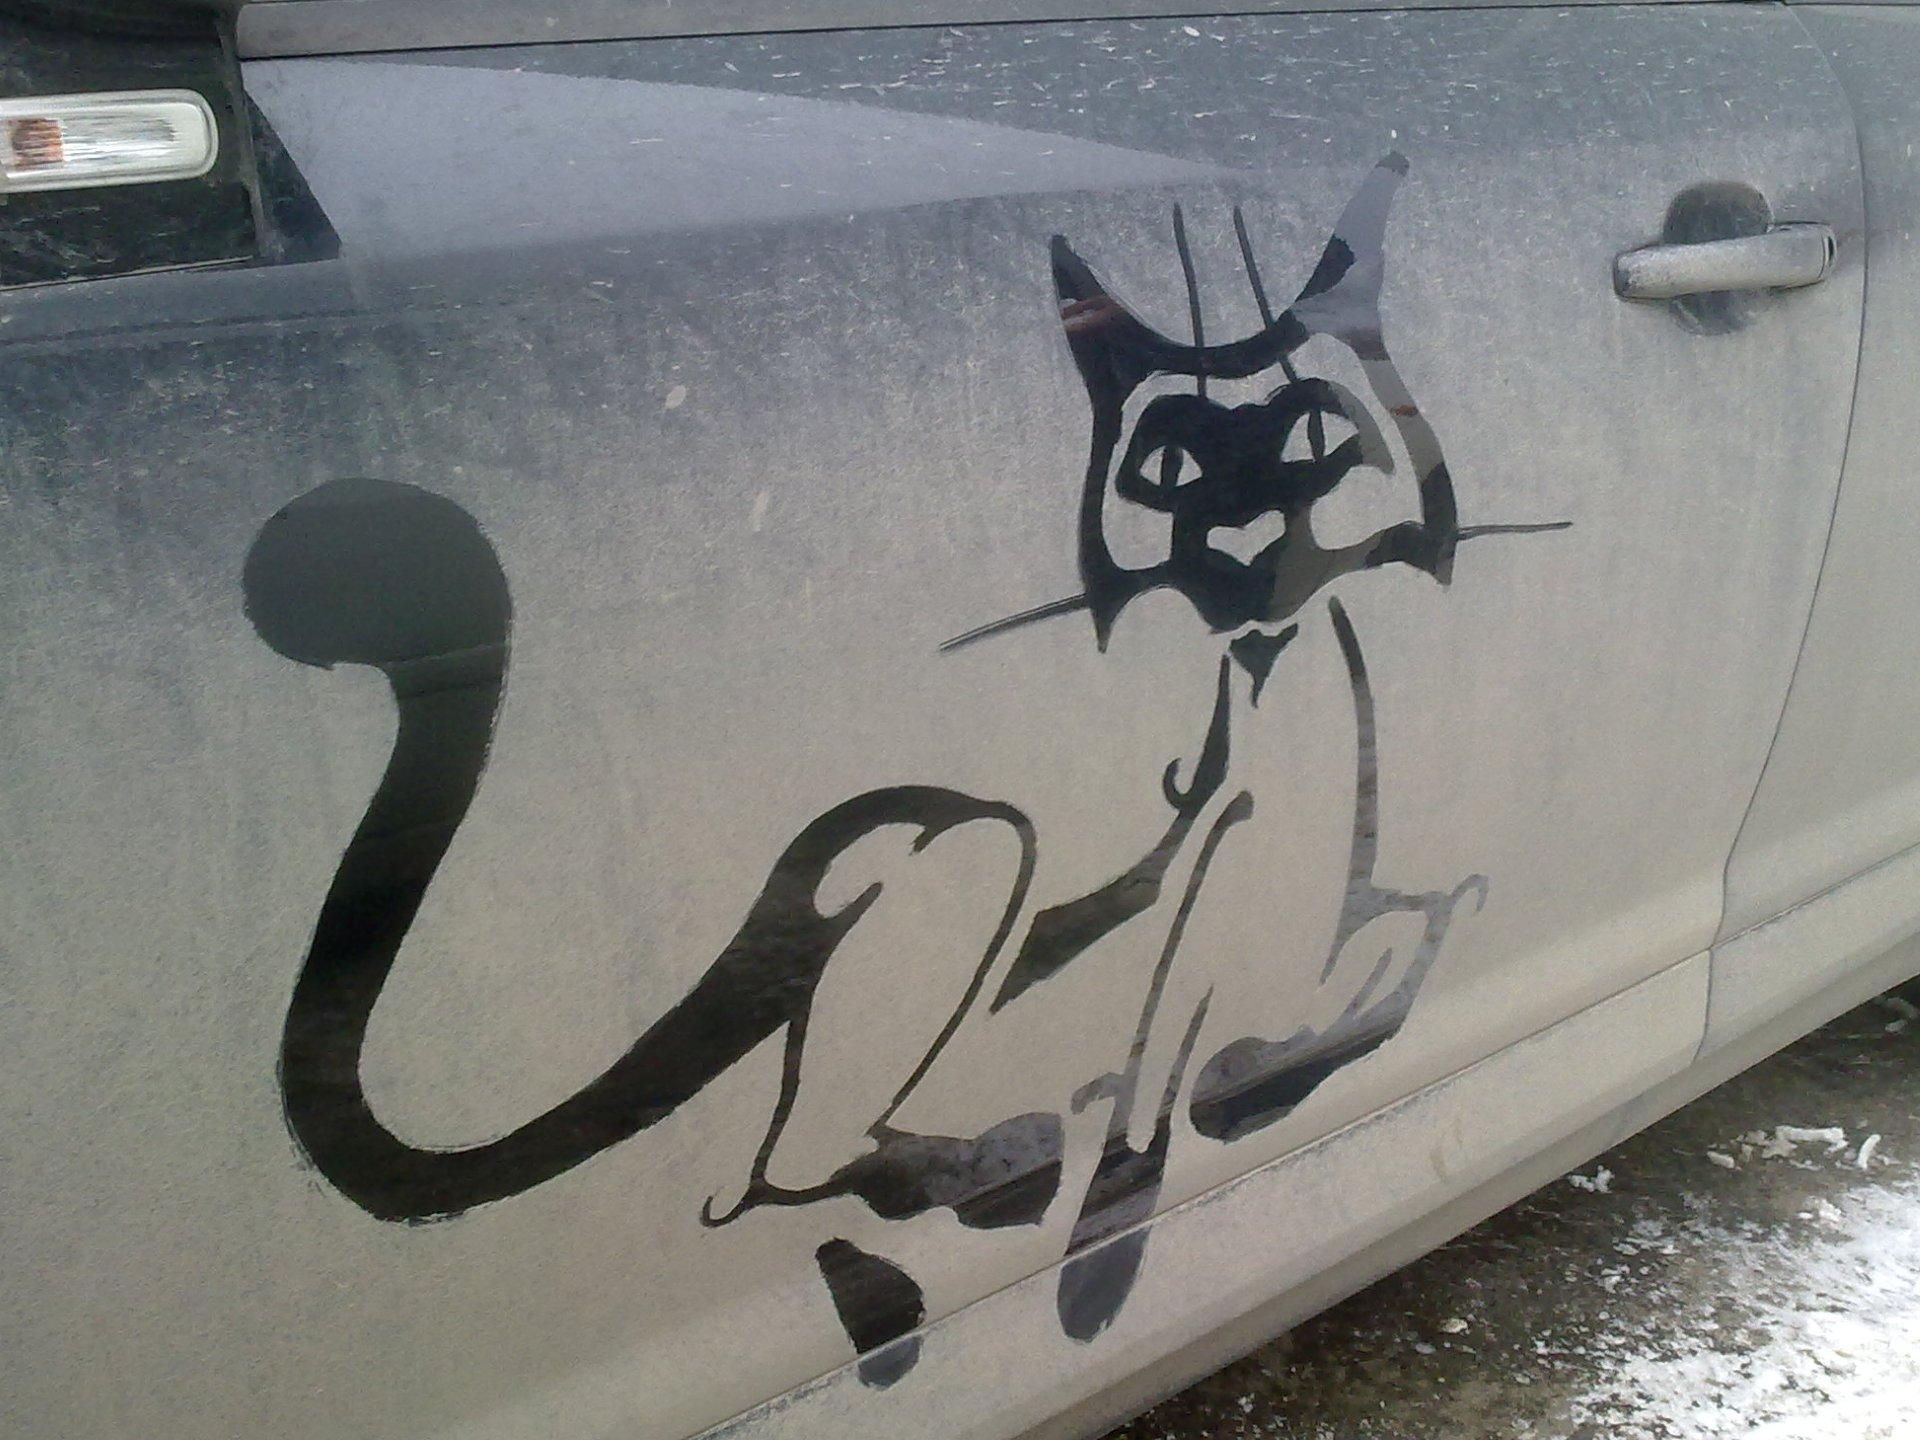 Рисунок на грязной машине